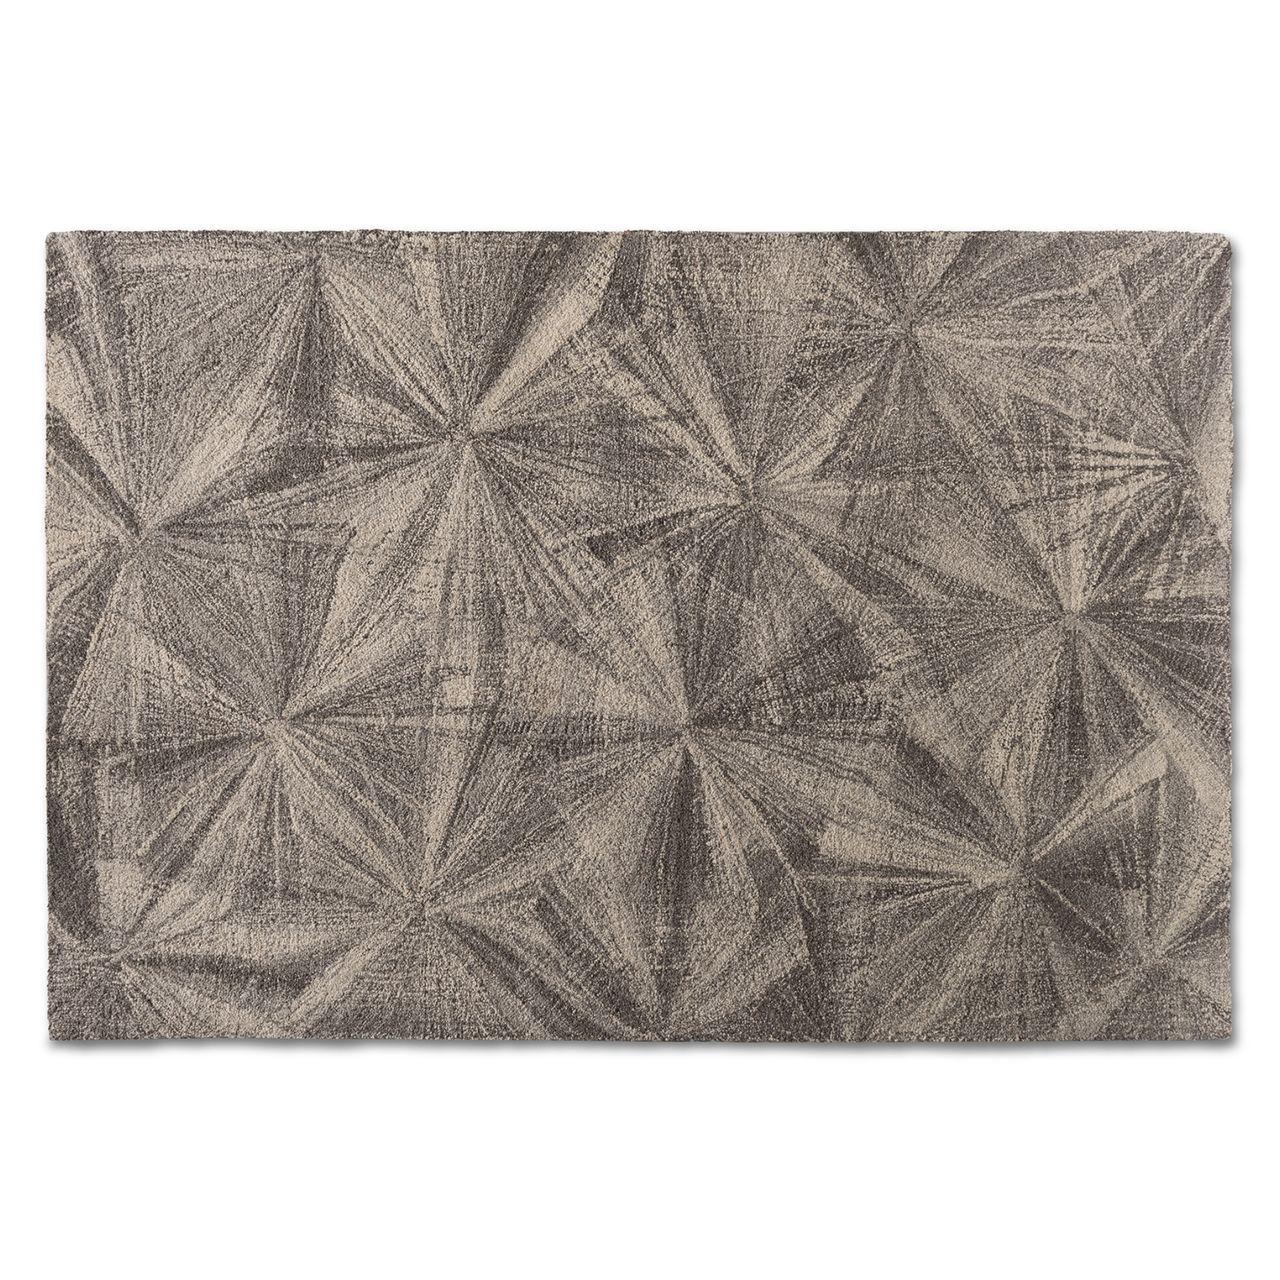 Baxton Studio Barret Grey Hand-Tufted Wool Area Rug